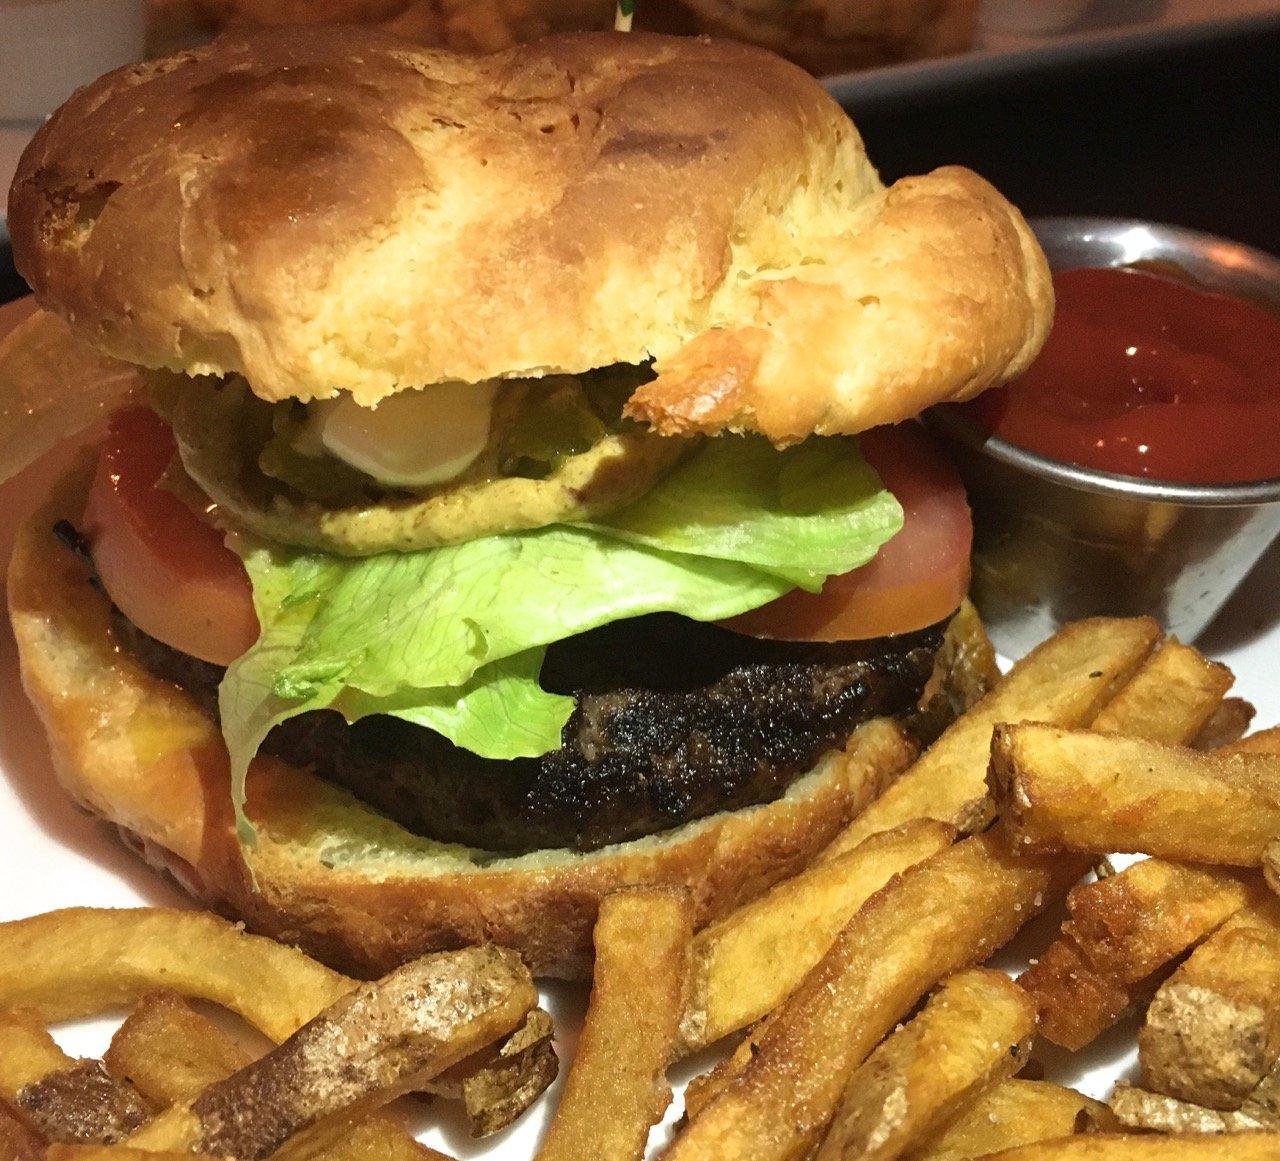 Wilder Wood Restaurant & Bar - gluten-free kitchen - burger